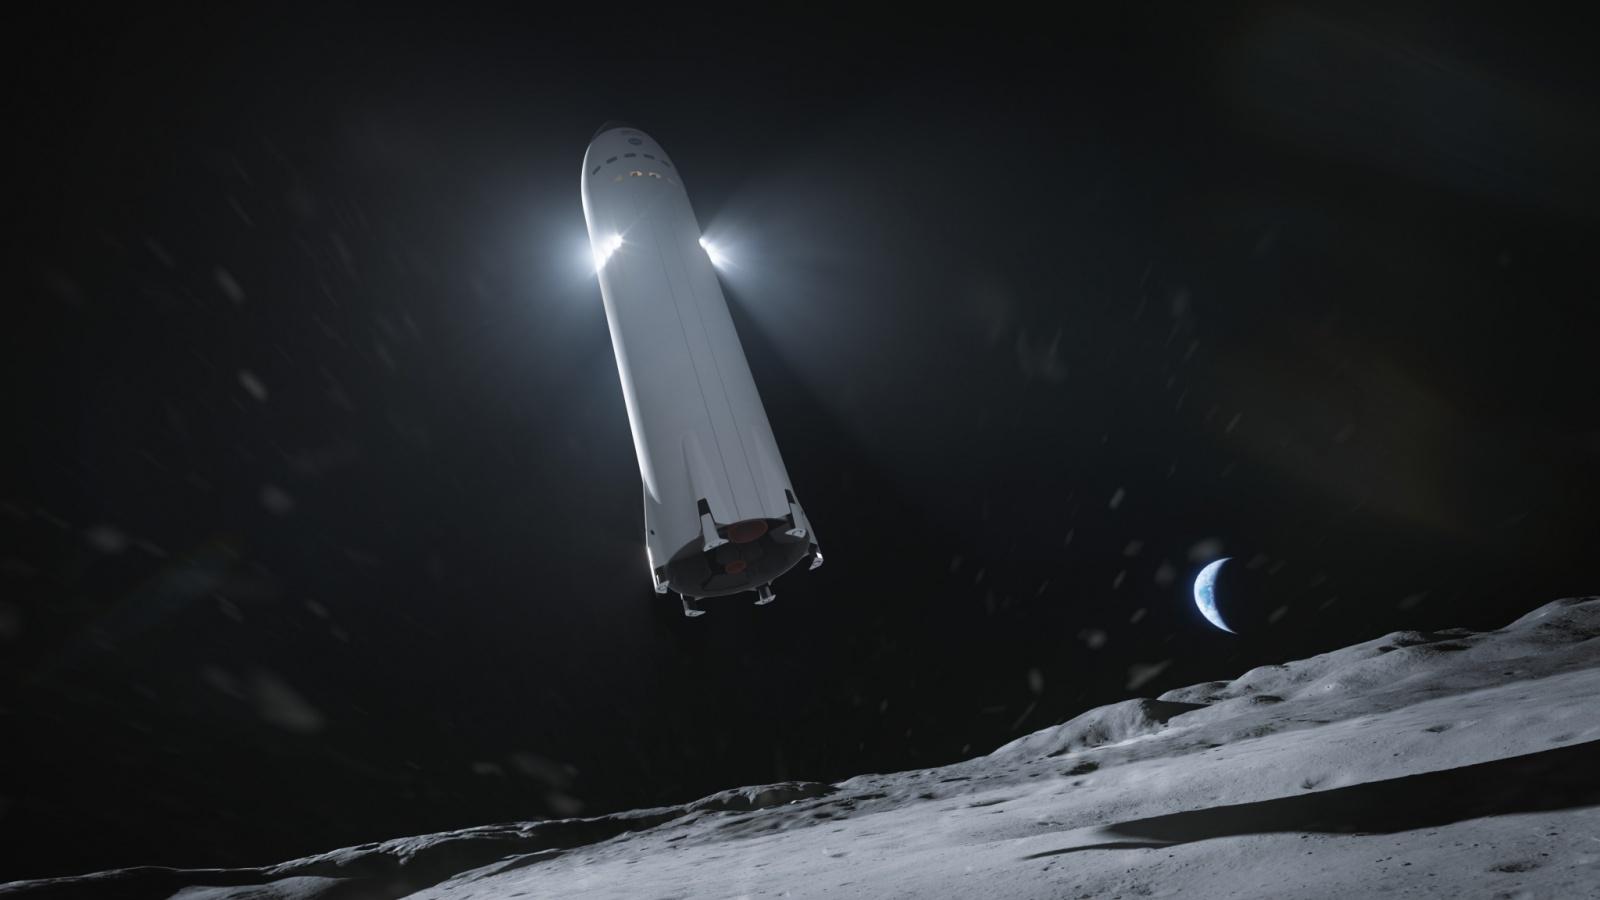 Лунный посадочный вариант Starship без аэродинамических поверхностей, с дополнительными двигателями посадки в верхней части корпуса, в представлении художника